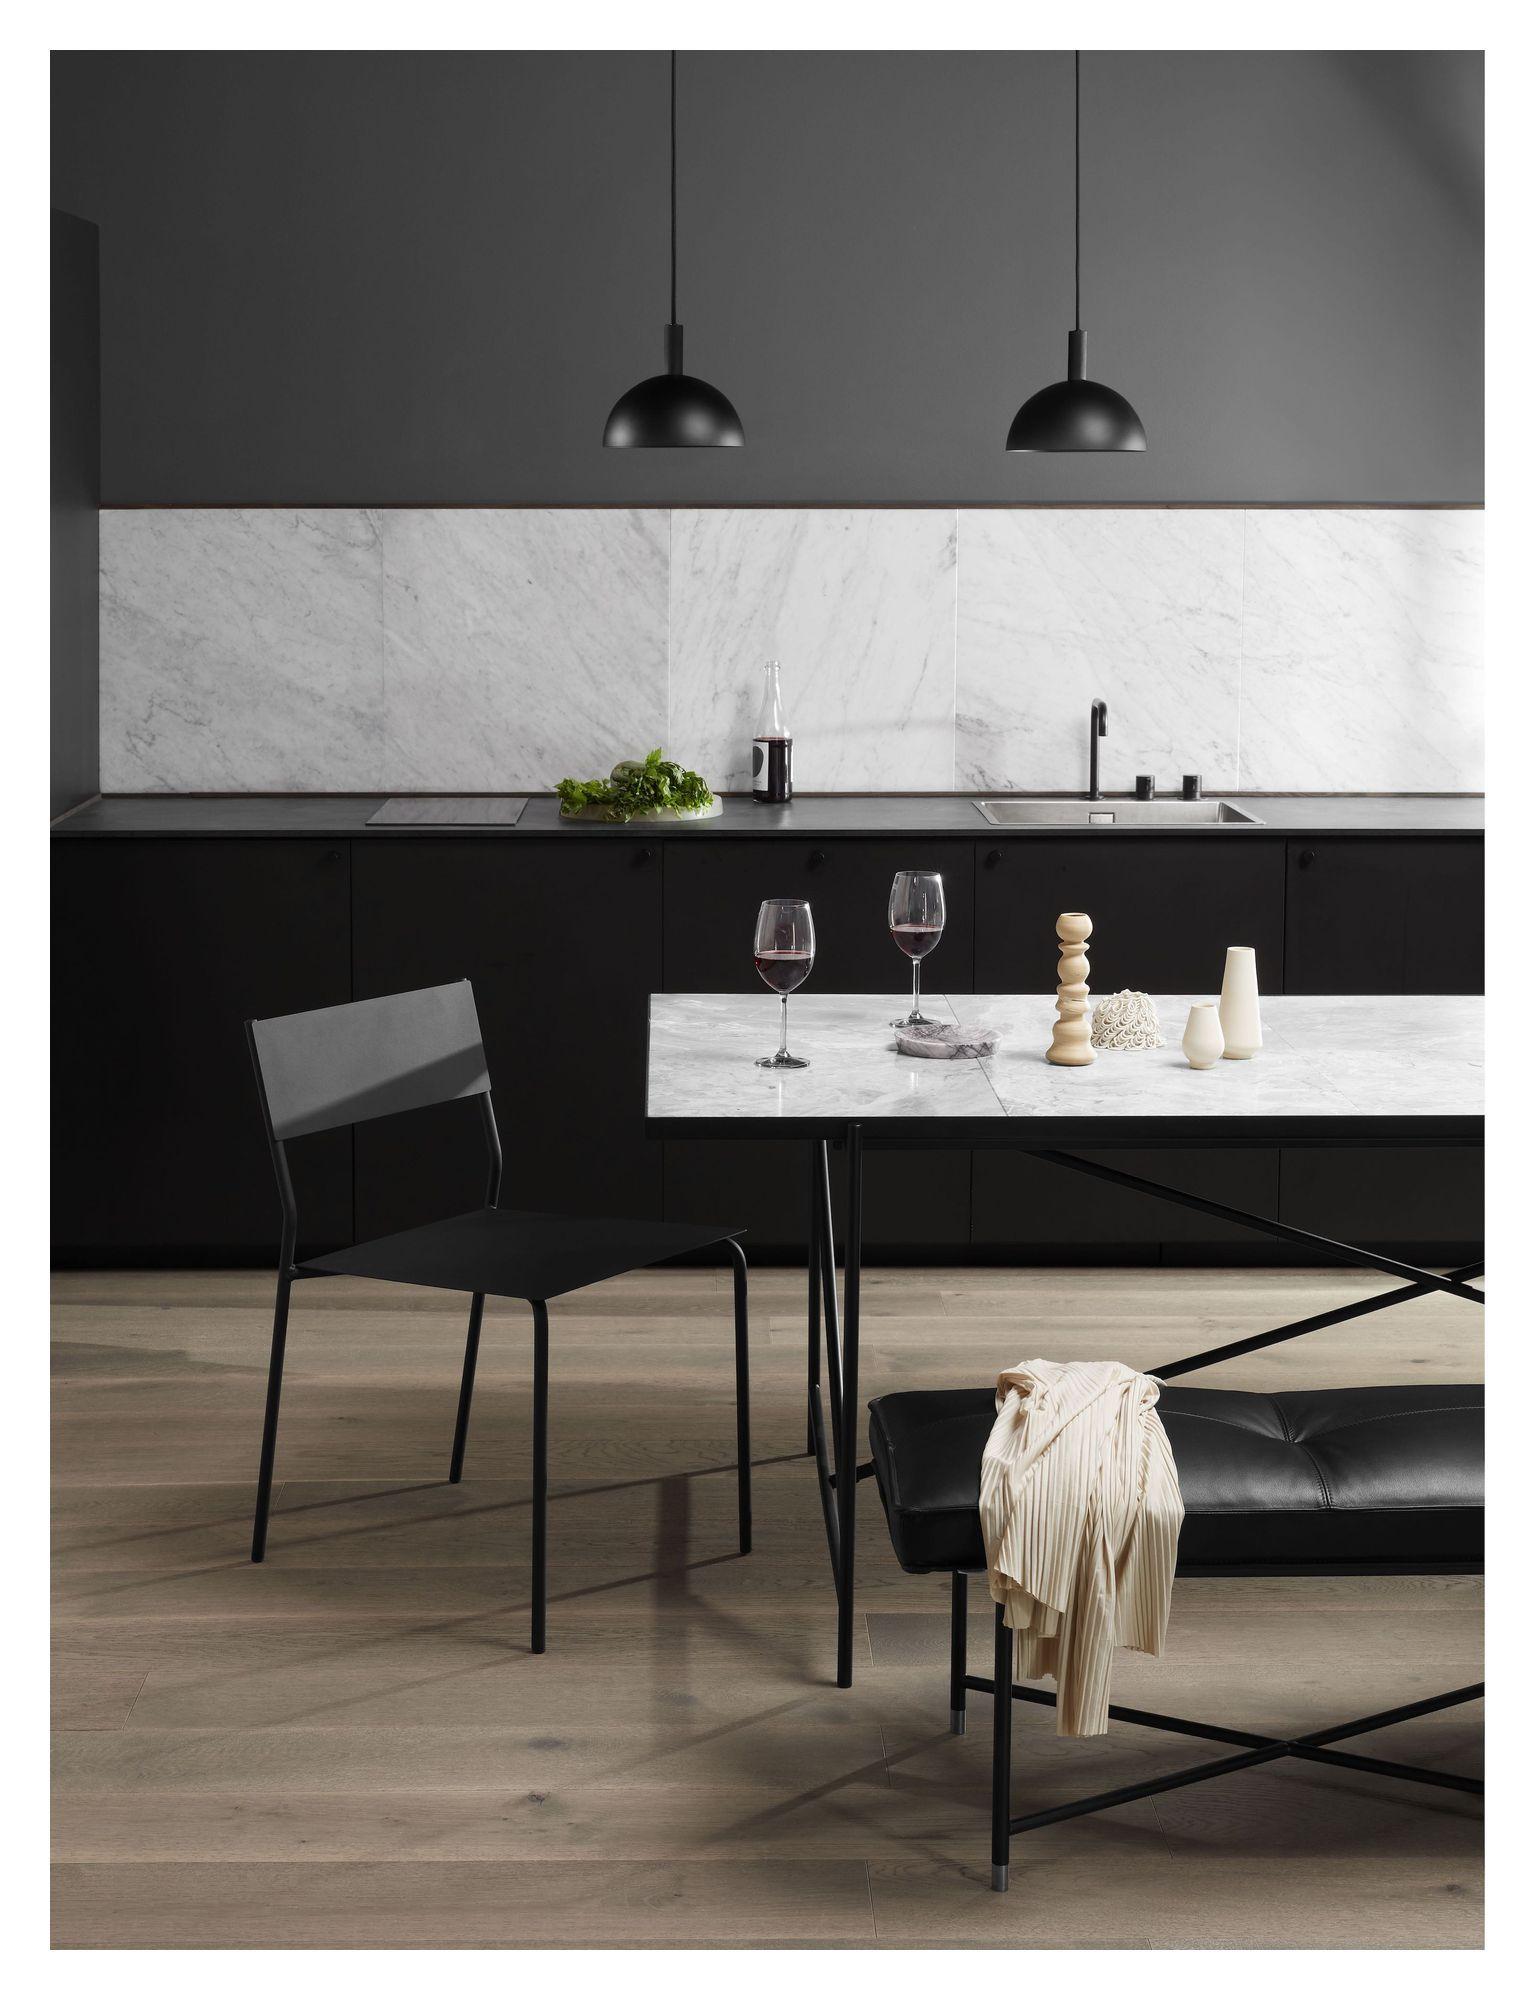 HANDVÄRK Spisebord 184x96 - Hvid Marmor, sort stel - Spisebord med hvid marmor